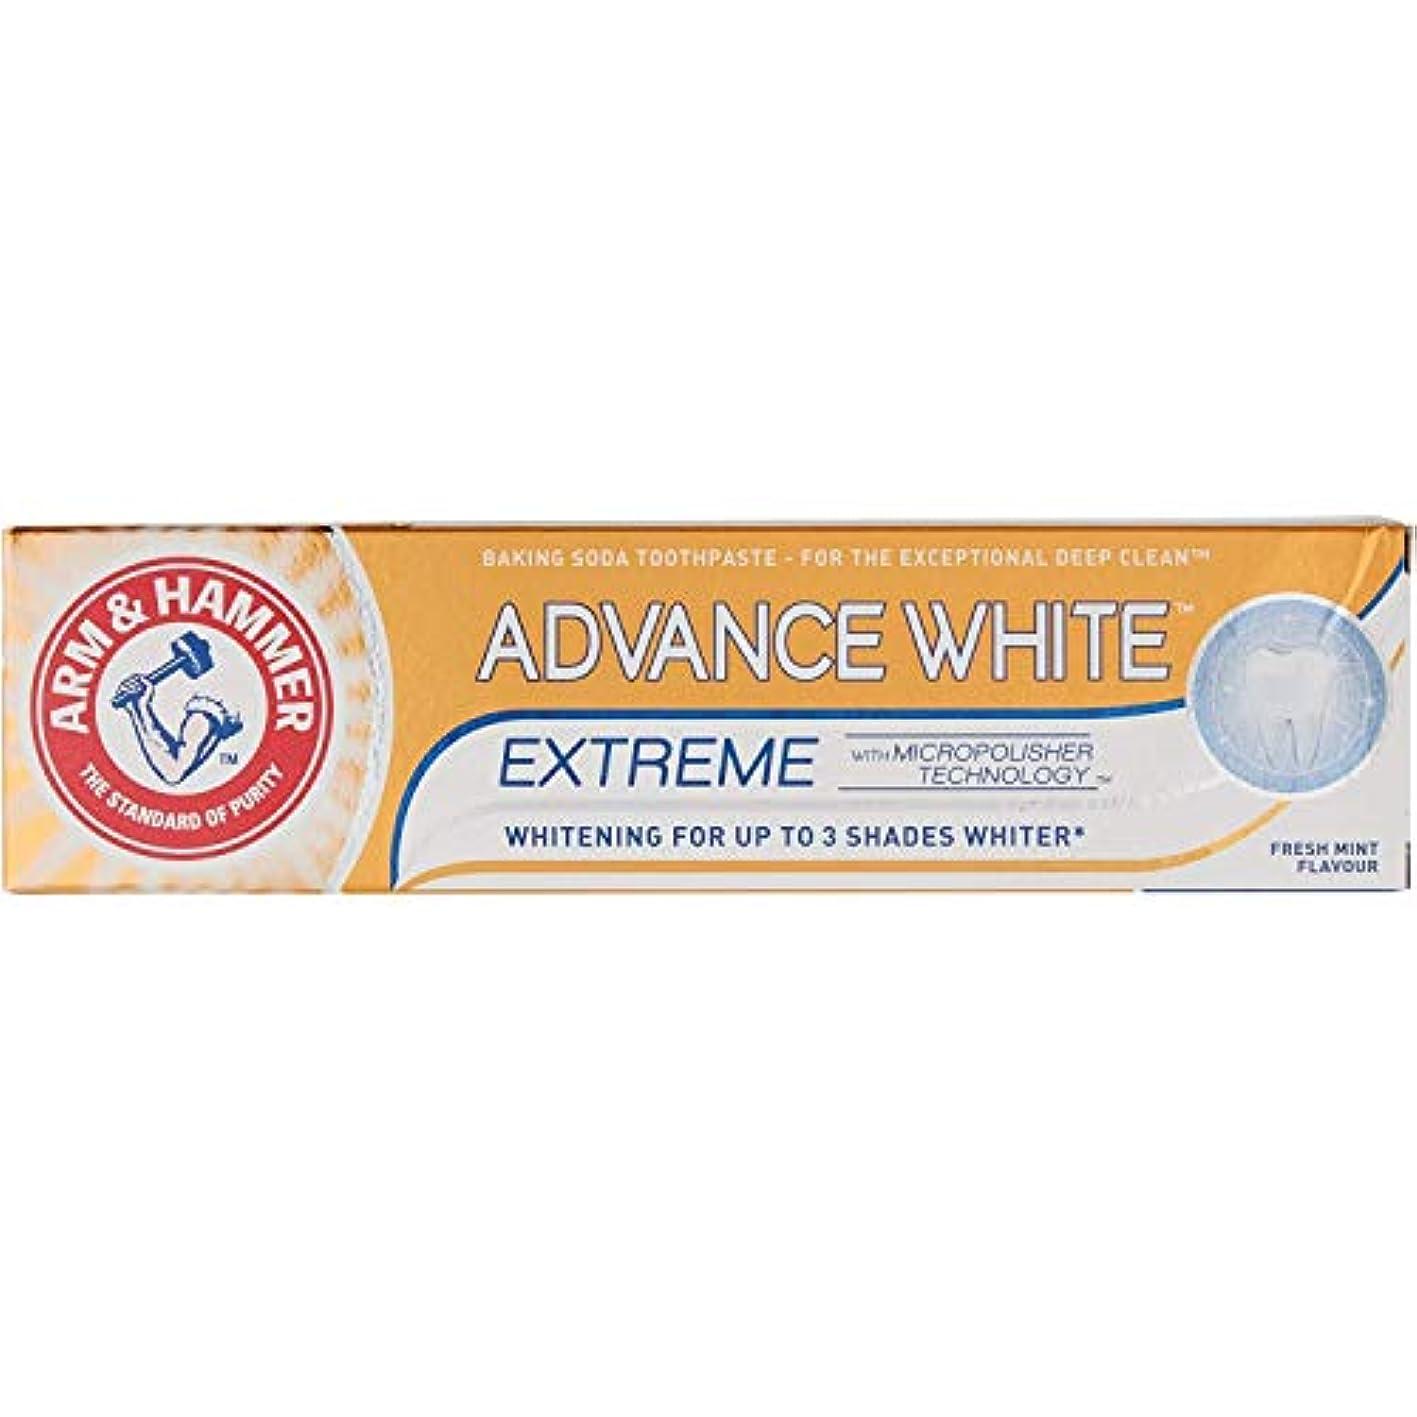 でる先のことを考える放牧するArm & Hammer Advance White Extreme Whitening Baking Soda Toothpaste 75Ml - Pack of 2 by Arm & Hammer